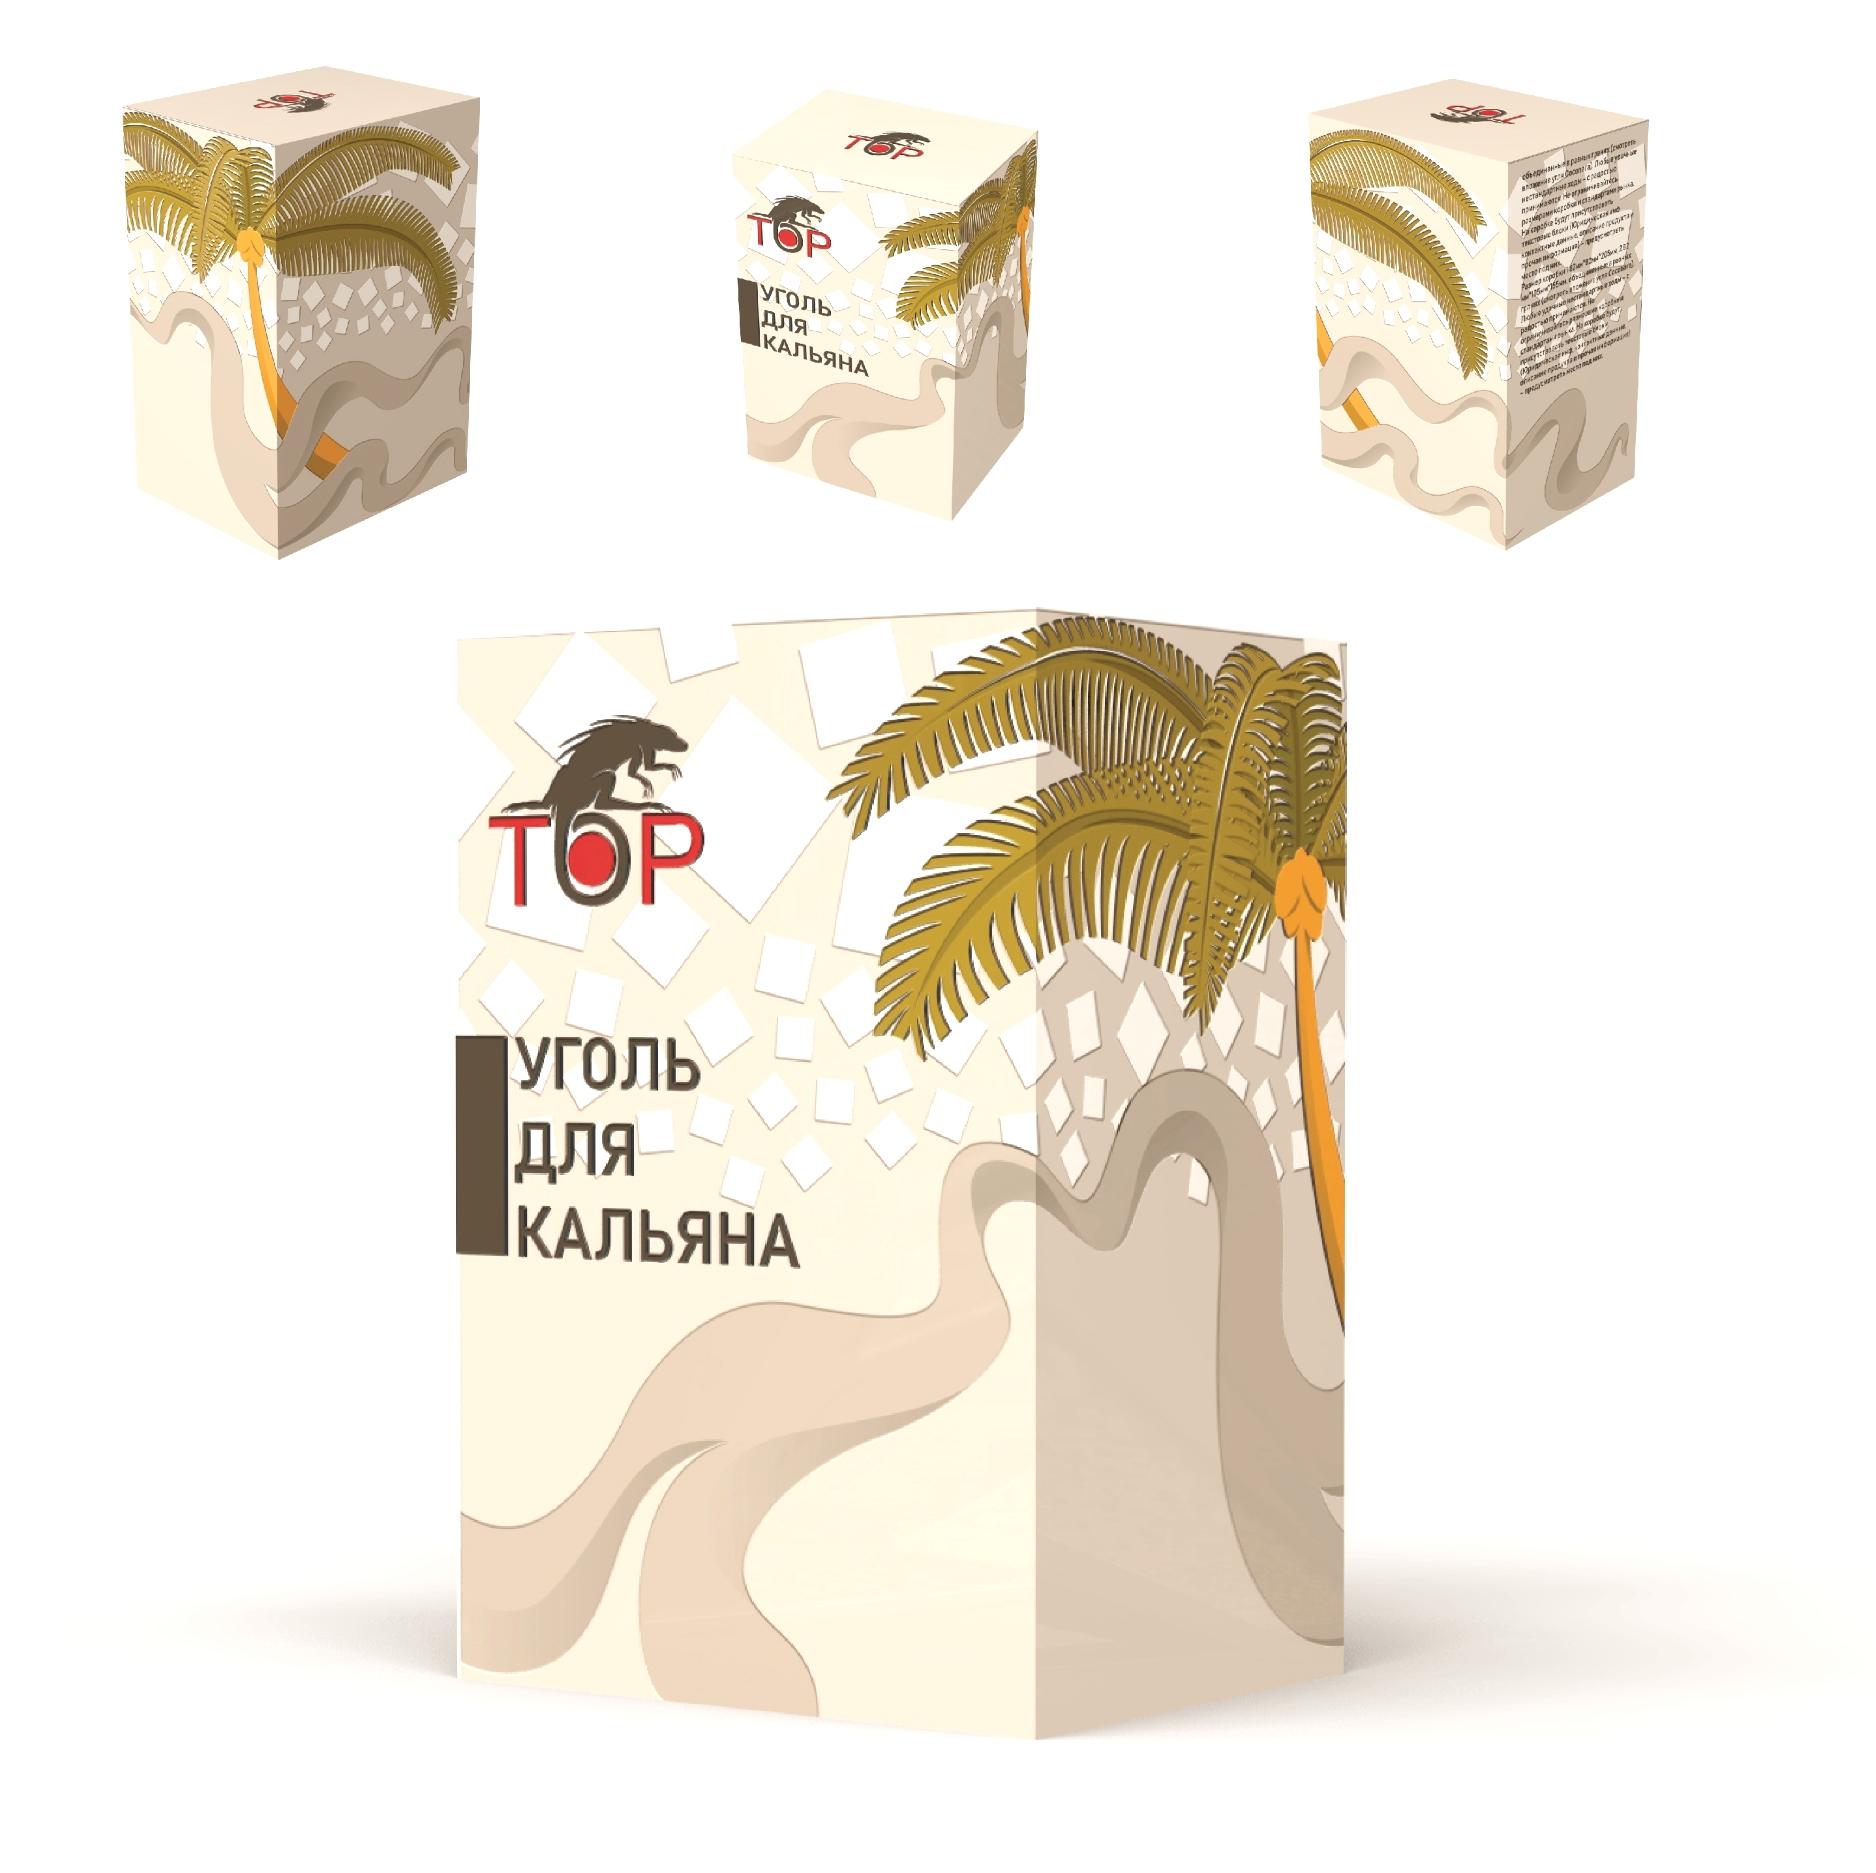 Разработка дизайна коробки, фирменного стиля, логотипа. фото f_5805c5eeb377a464.jpg